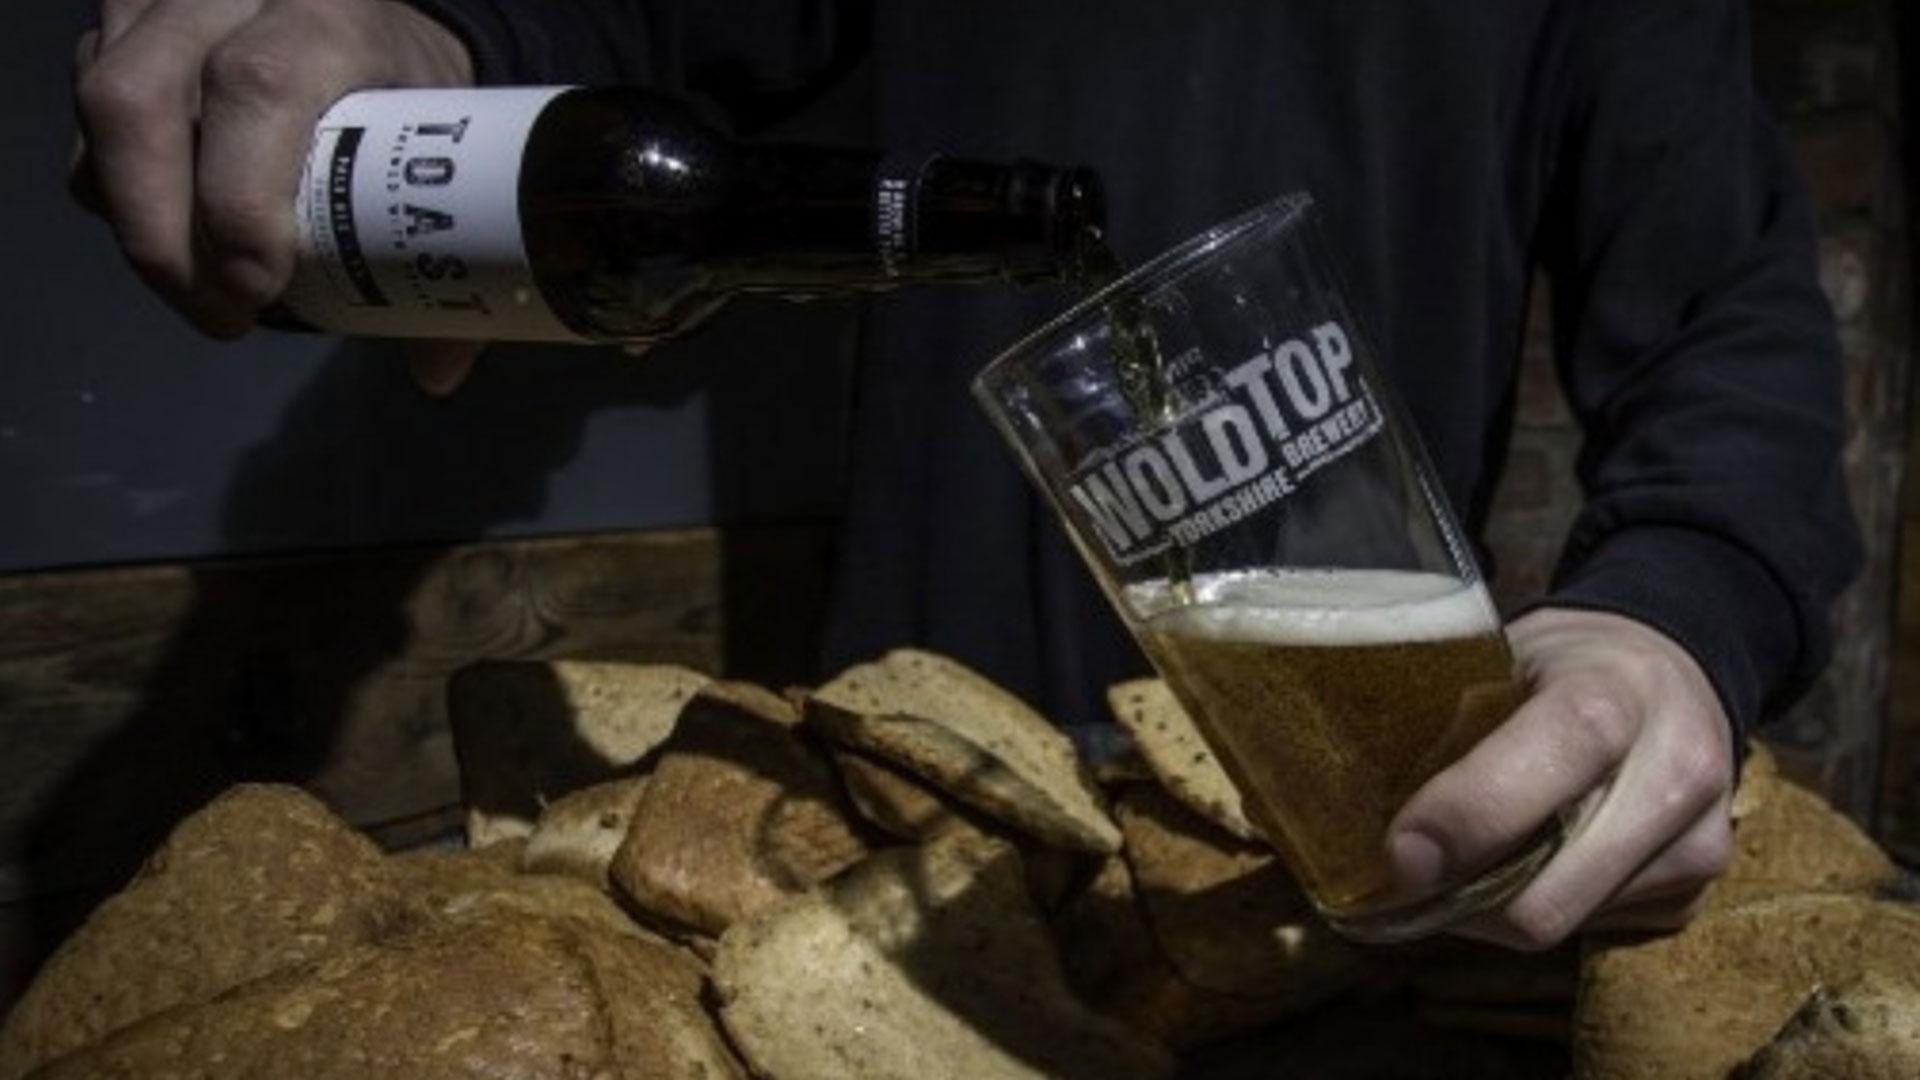 Toneladas de pan acaban en la basura cada año, y una asociación británica ha encontrado una solución refrescante a este derroche: convertirlo en cerveza